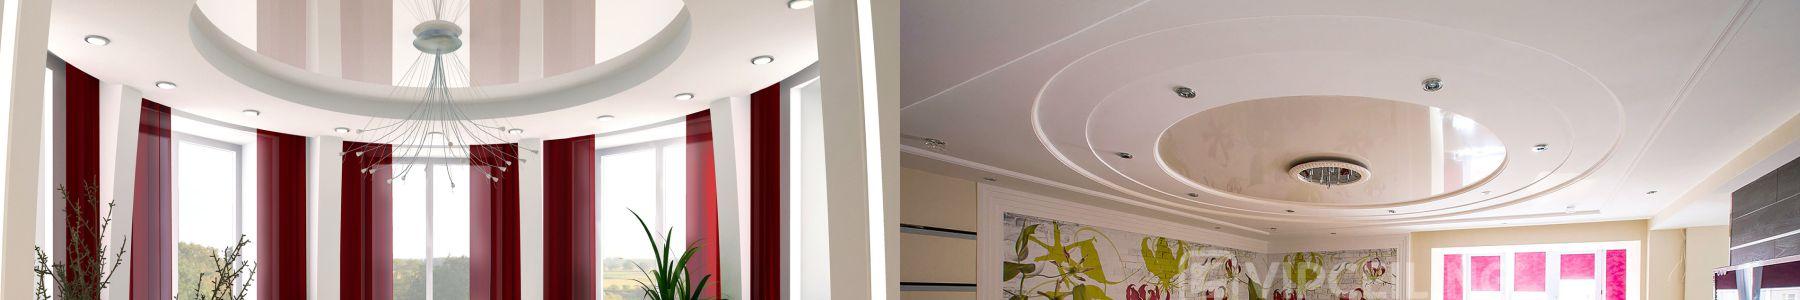 lsa.pro натяжные потолки